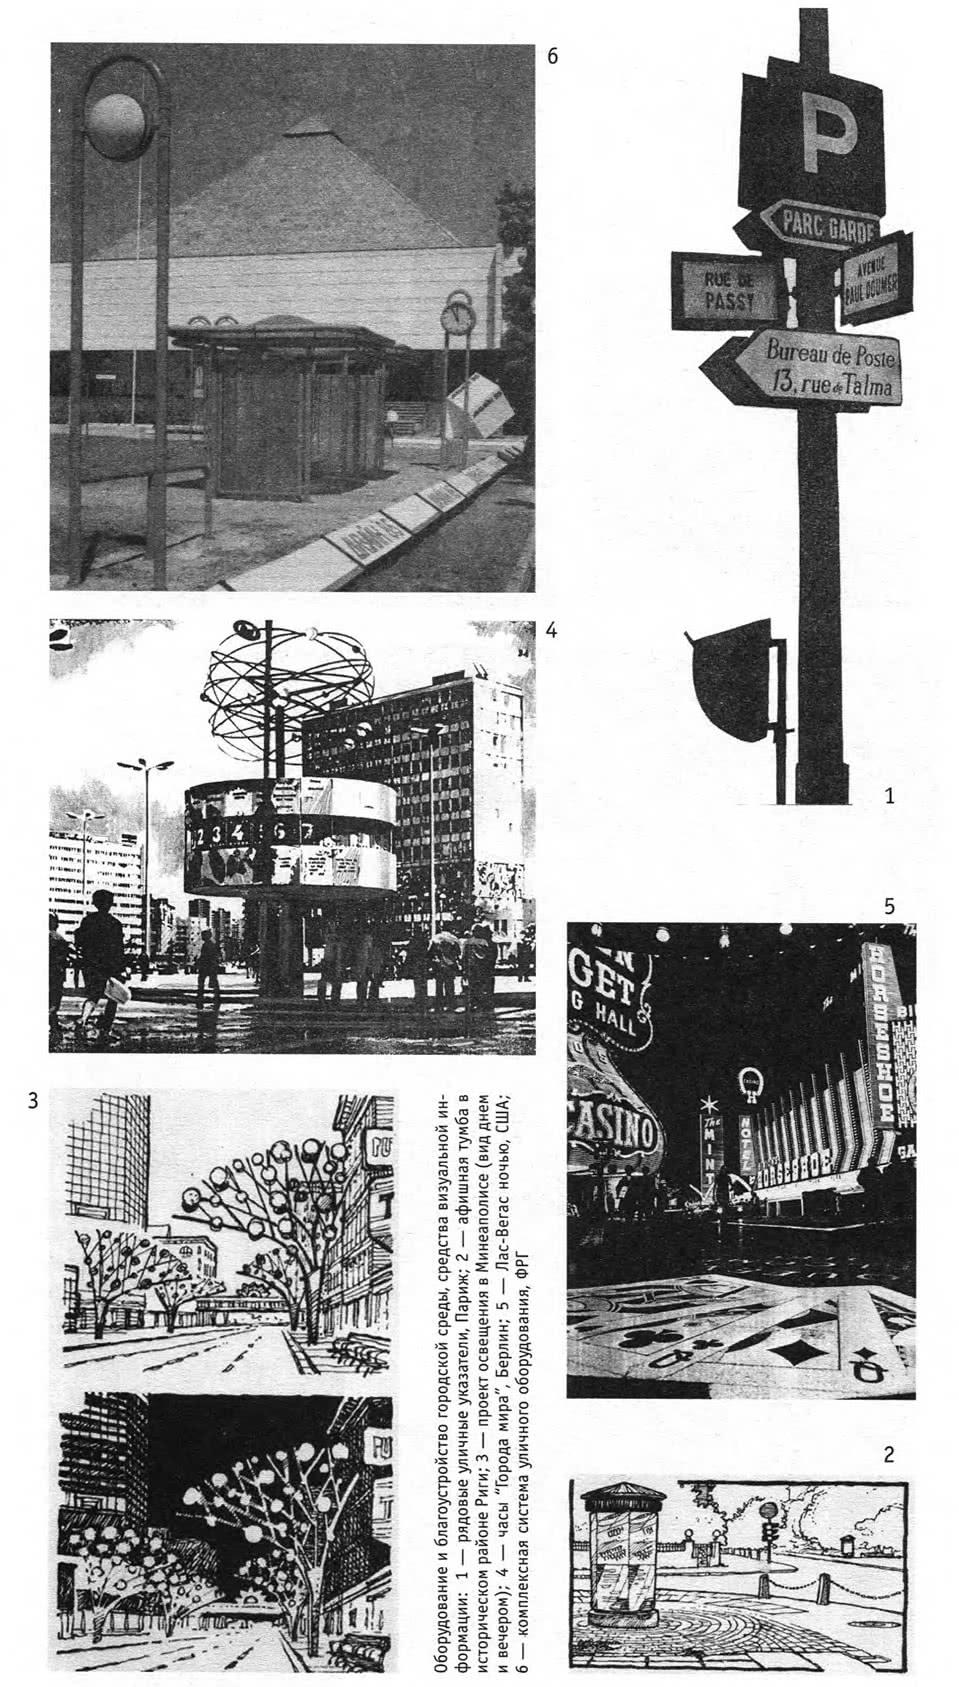 Оборудование и благоустройство городской среды, средства визуальной информации